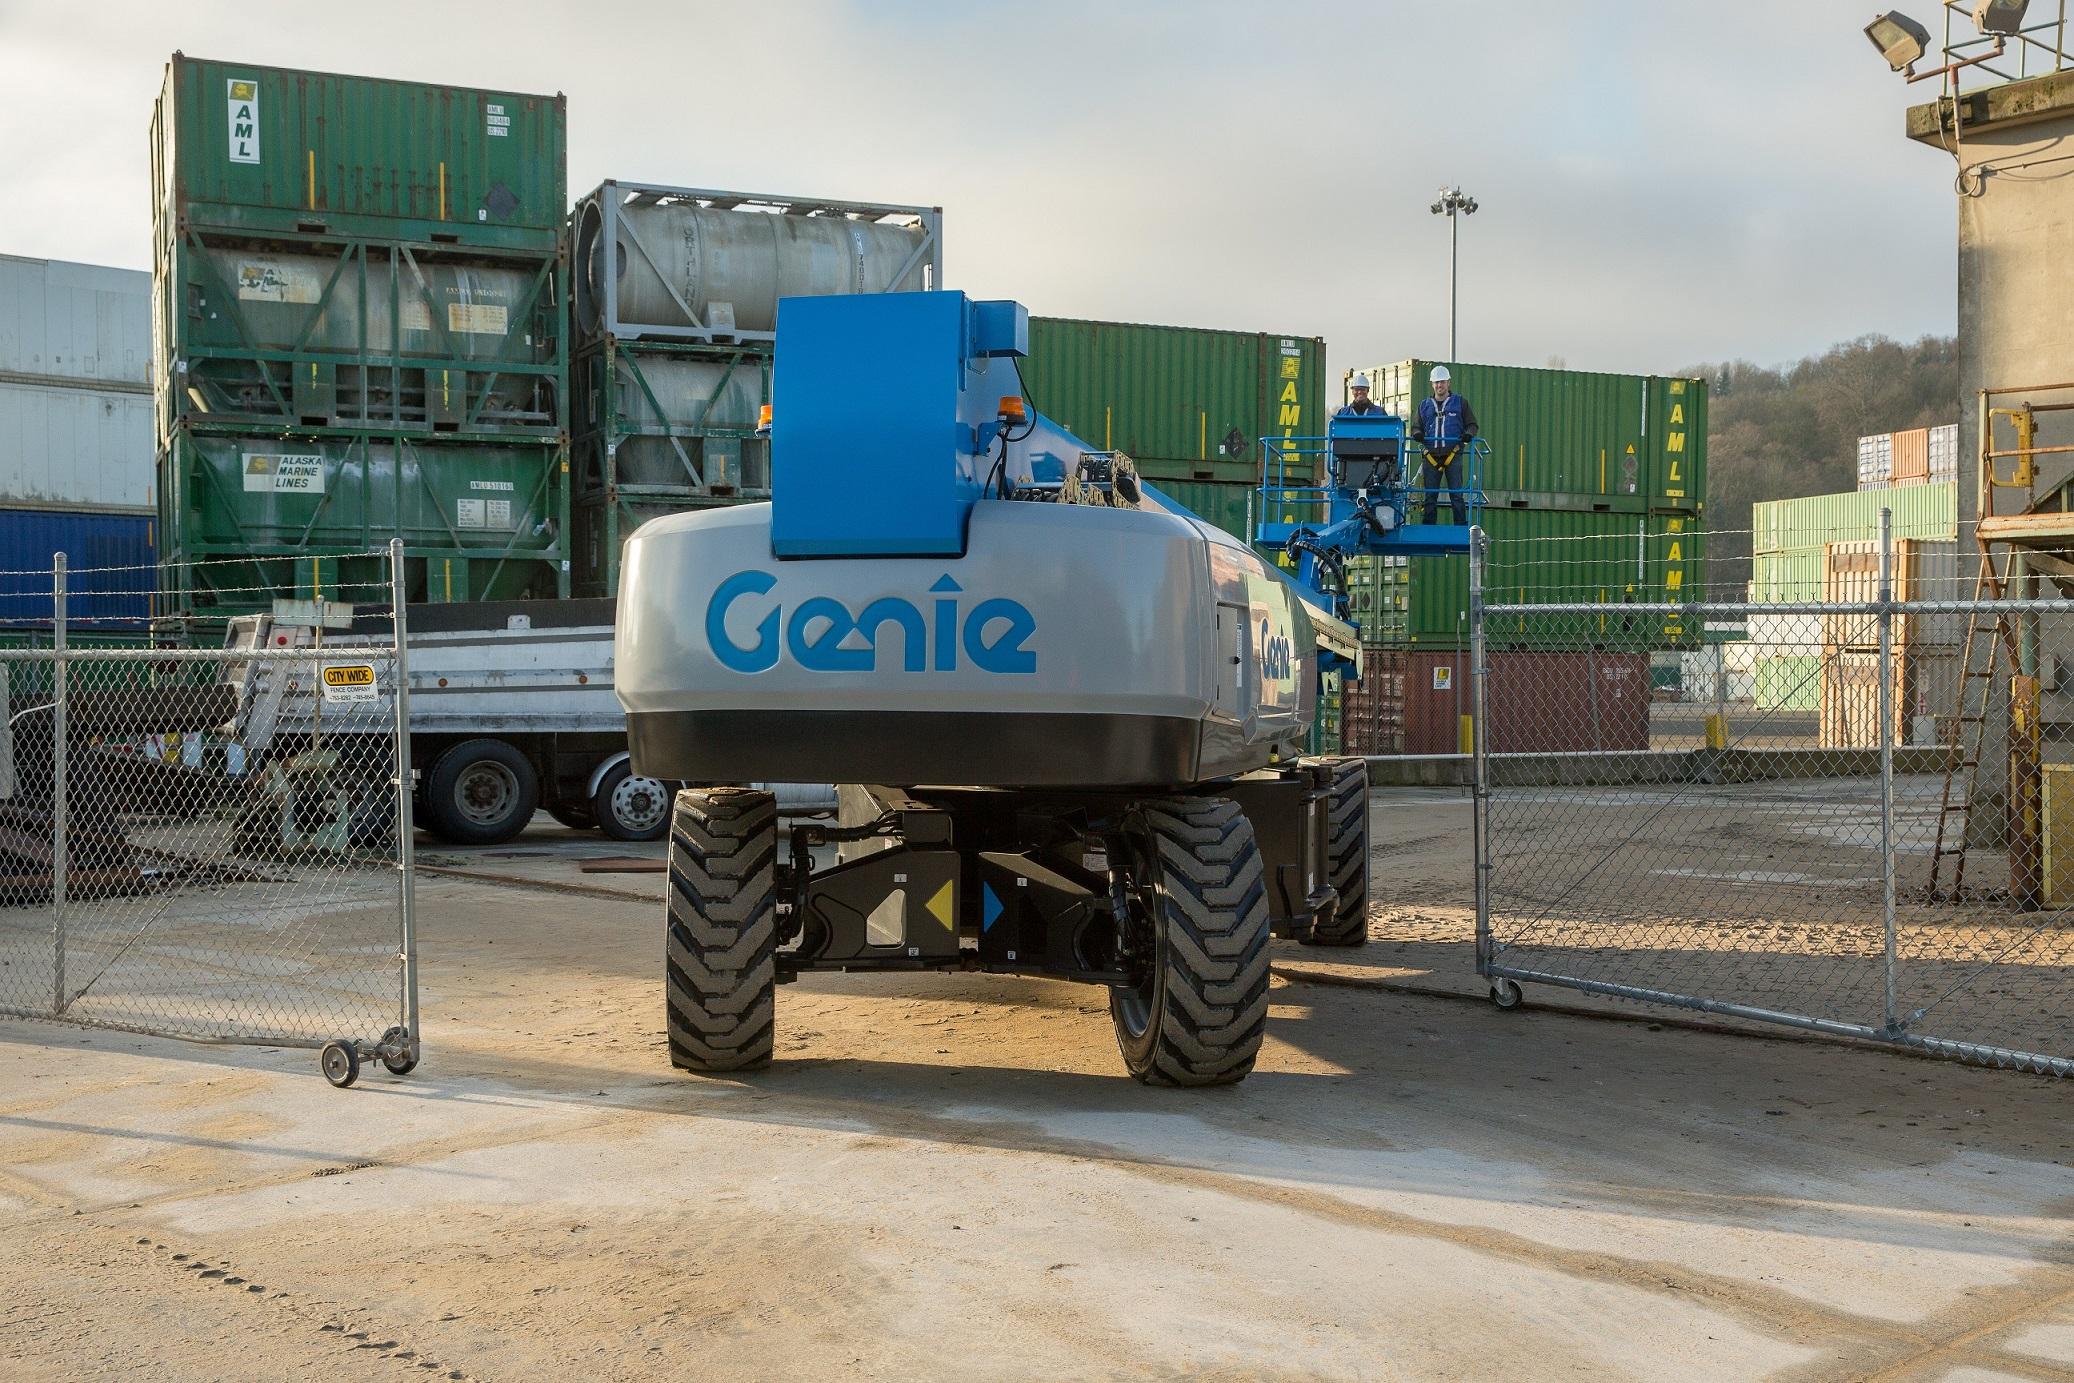 Genie mit neuer Xtra Capacity™ sowie Hybrid- und Elektro- Arbeitsbühnen auf der APEX